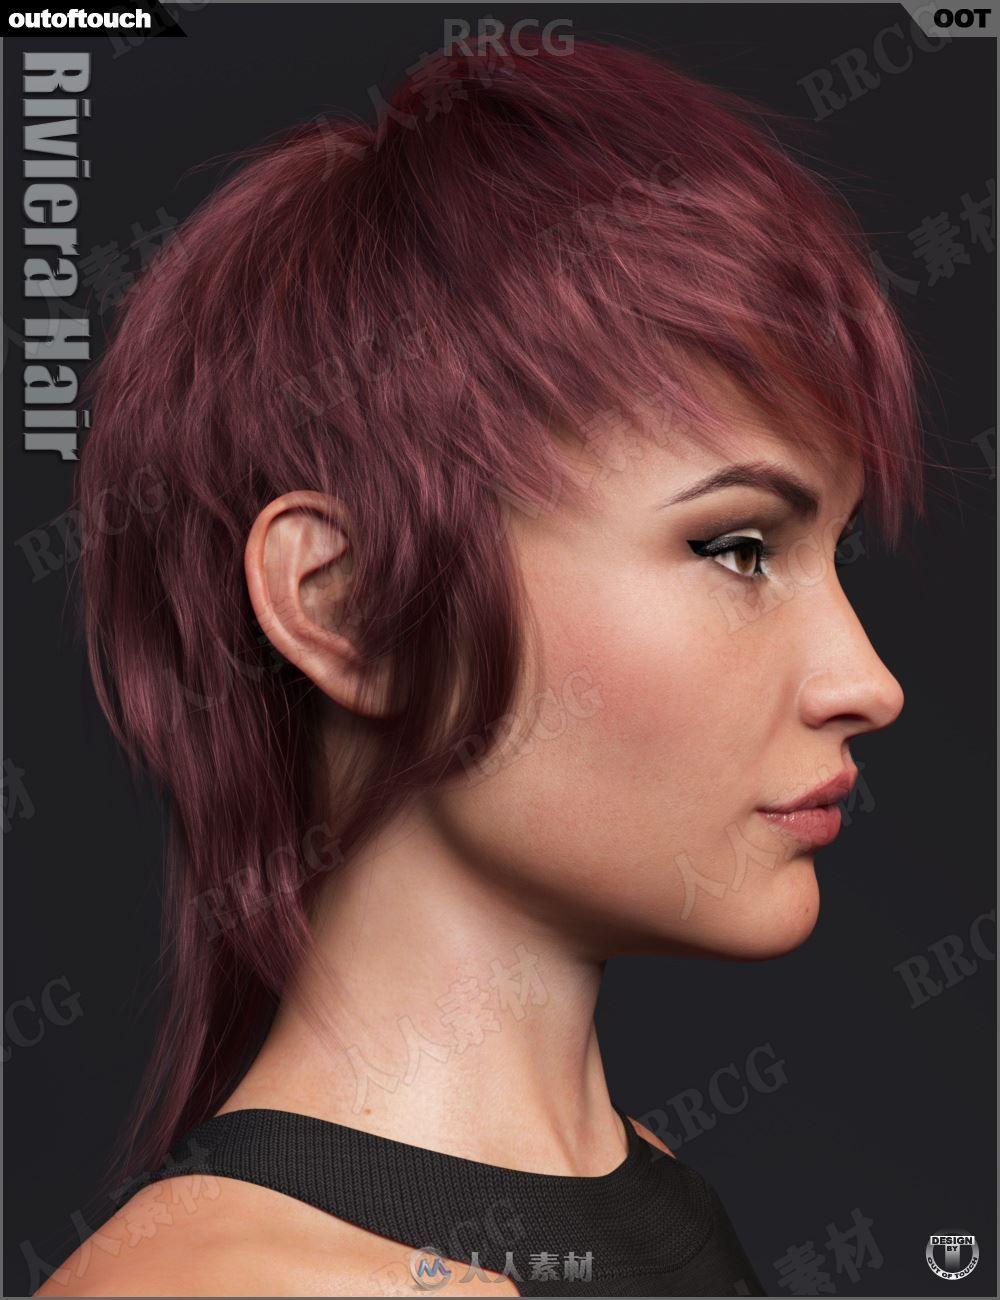 逼真人物前短后长干练锁骨发发型发色3D模型合集